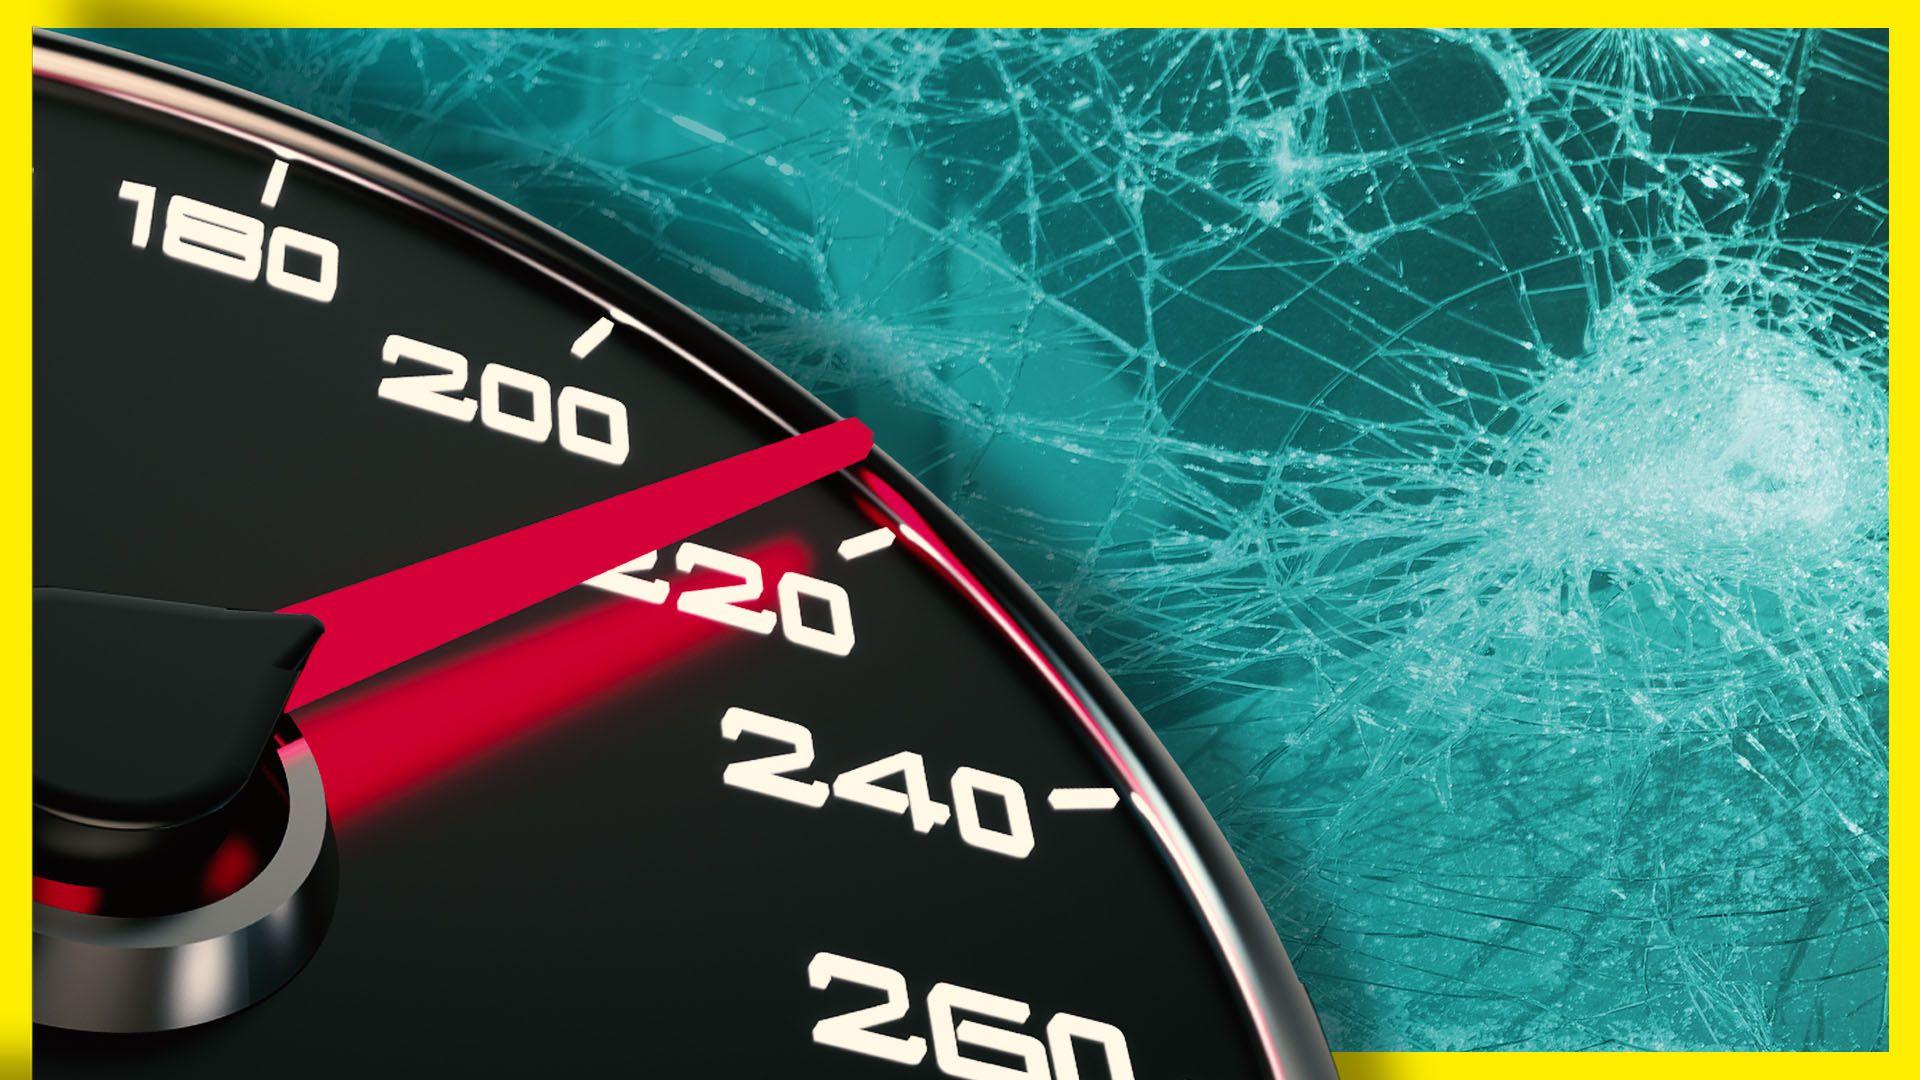 Ein Tacho, der etwa 220 km/h anzeigt vor einer gesplitterten Frontwindschutzscheibe.